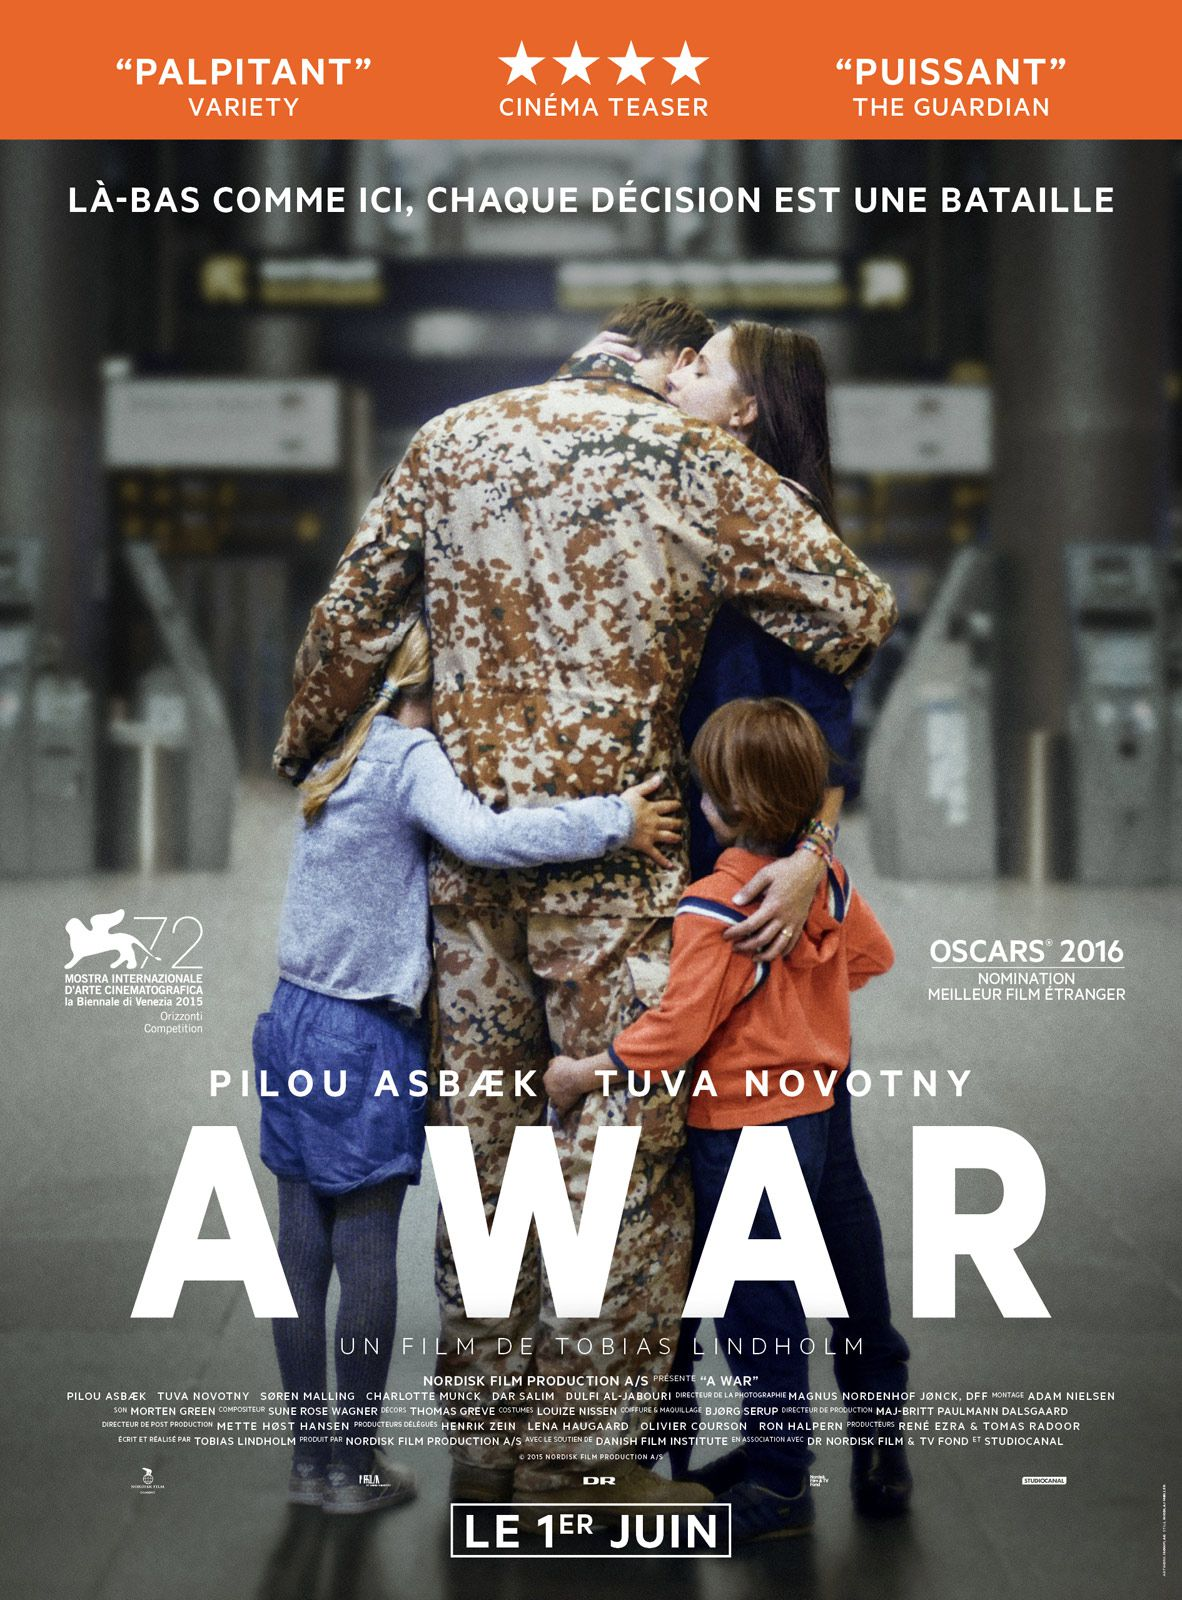 A War - Film (2015)